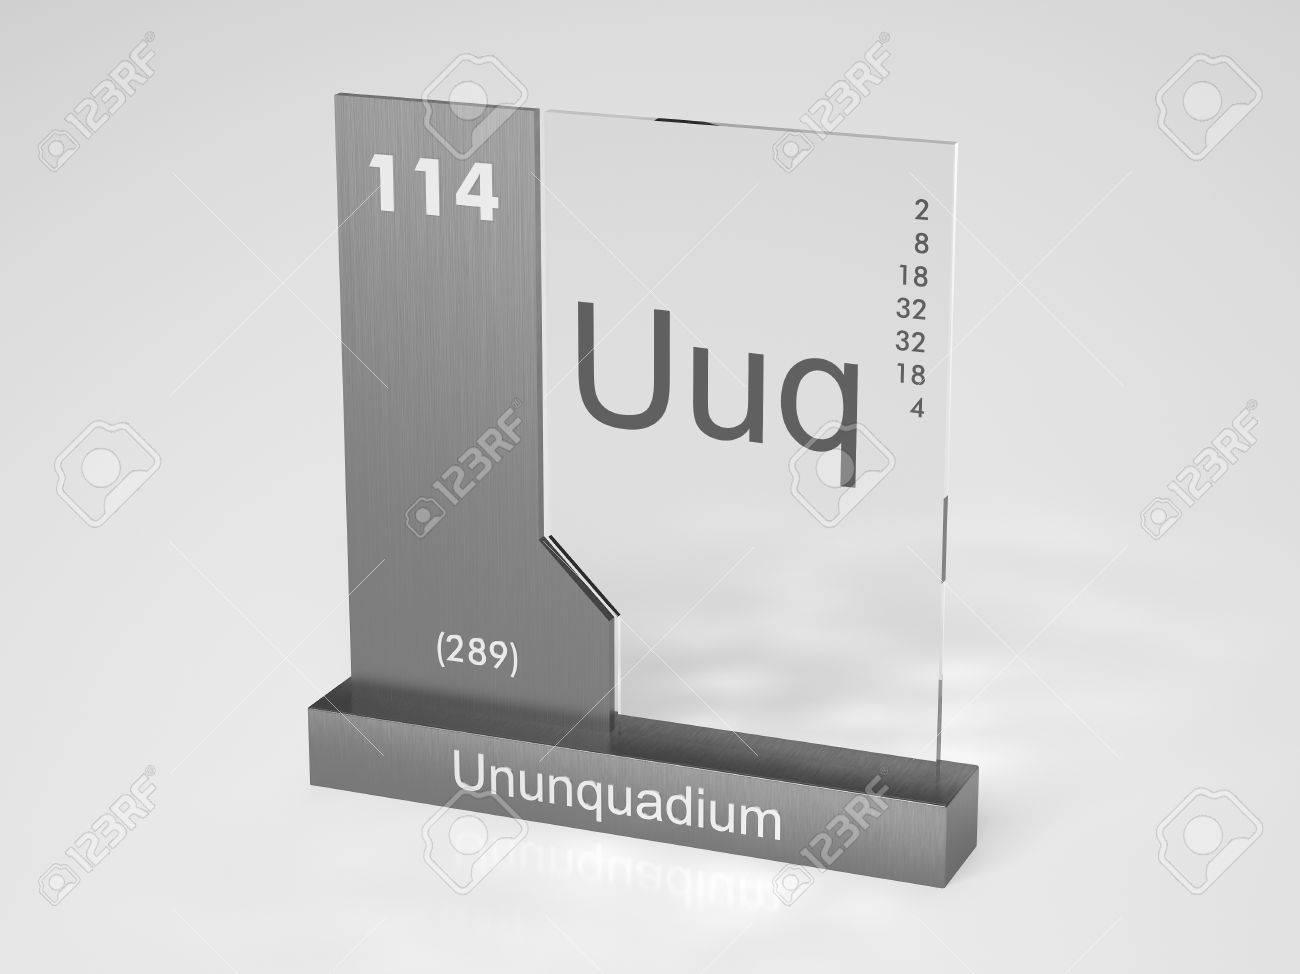 stock photo ununquadium symbol uuq chemical element of the periodic table - Periodic Table Symbol Ununquadium